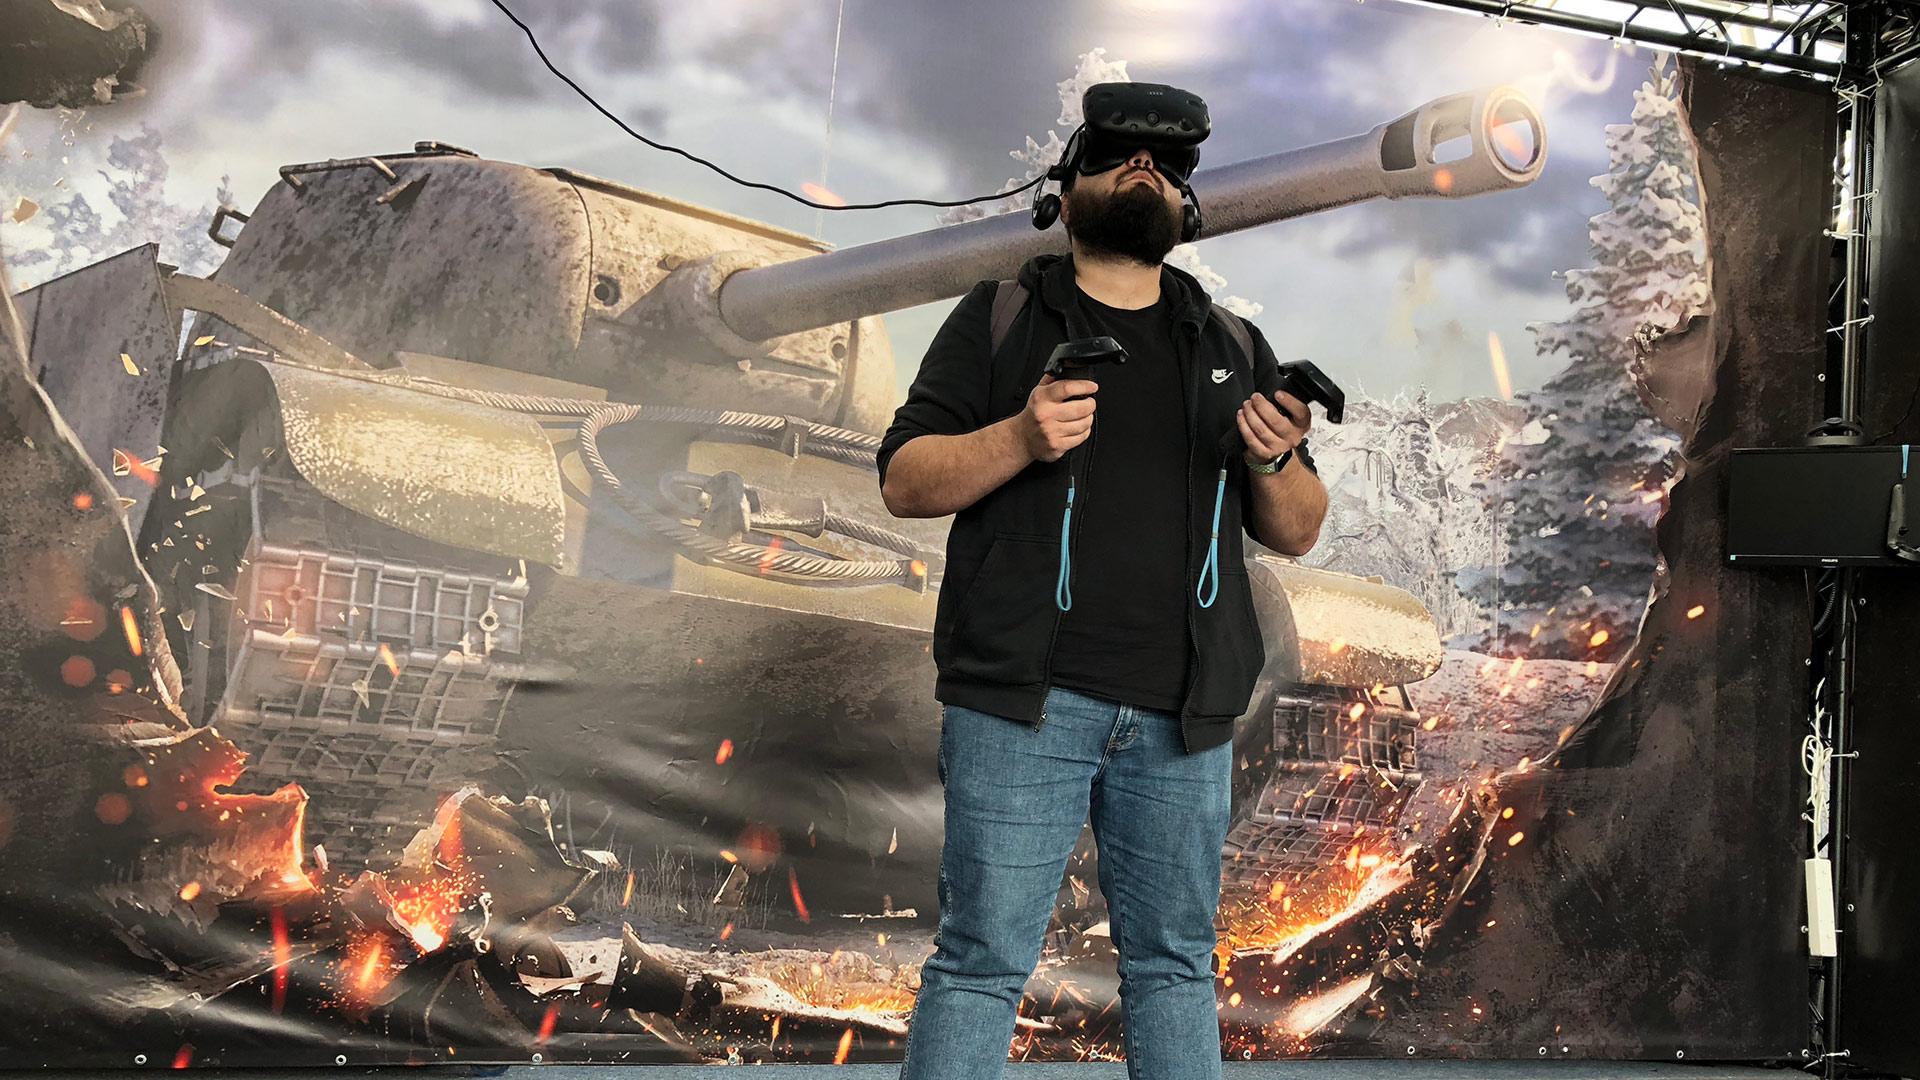 Как создавали World of Tanks VR, и почему получилась совсем другая игра - 1